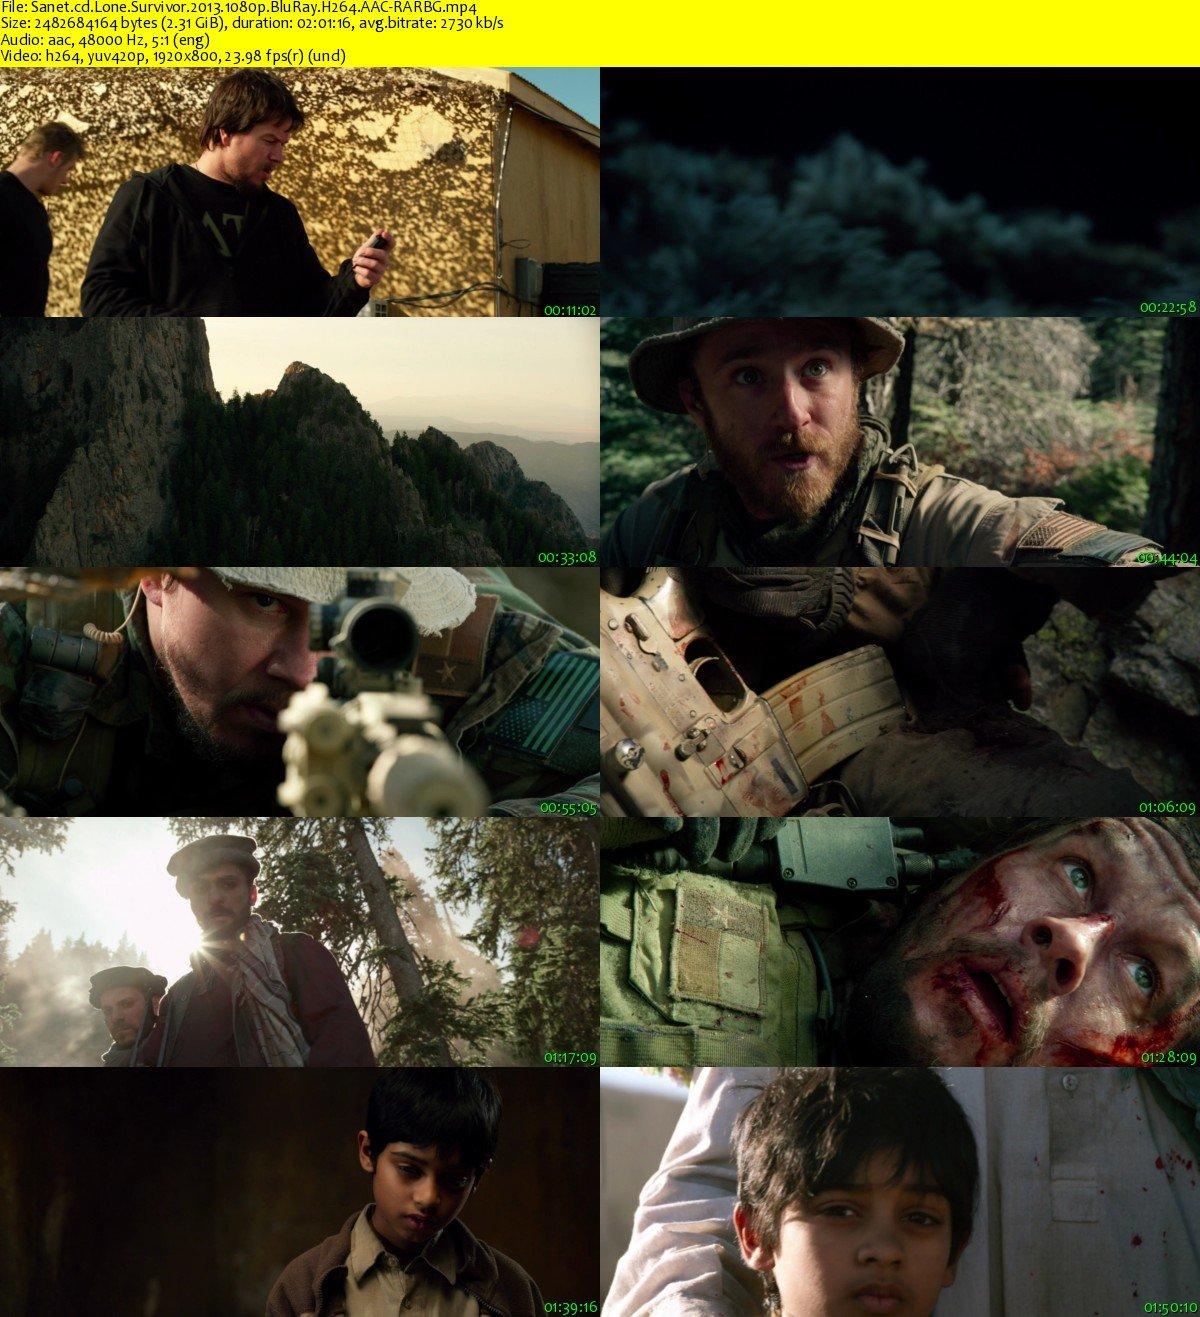 Download Lone Survivor 2013 1080p BluRay H264 AAC-RARBG